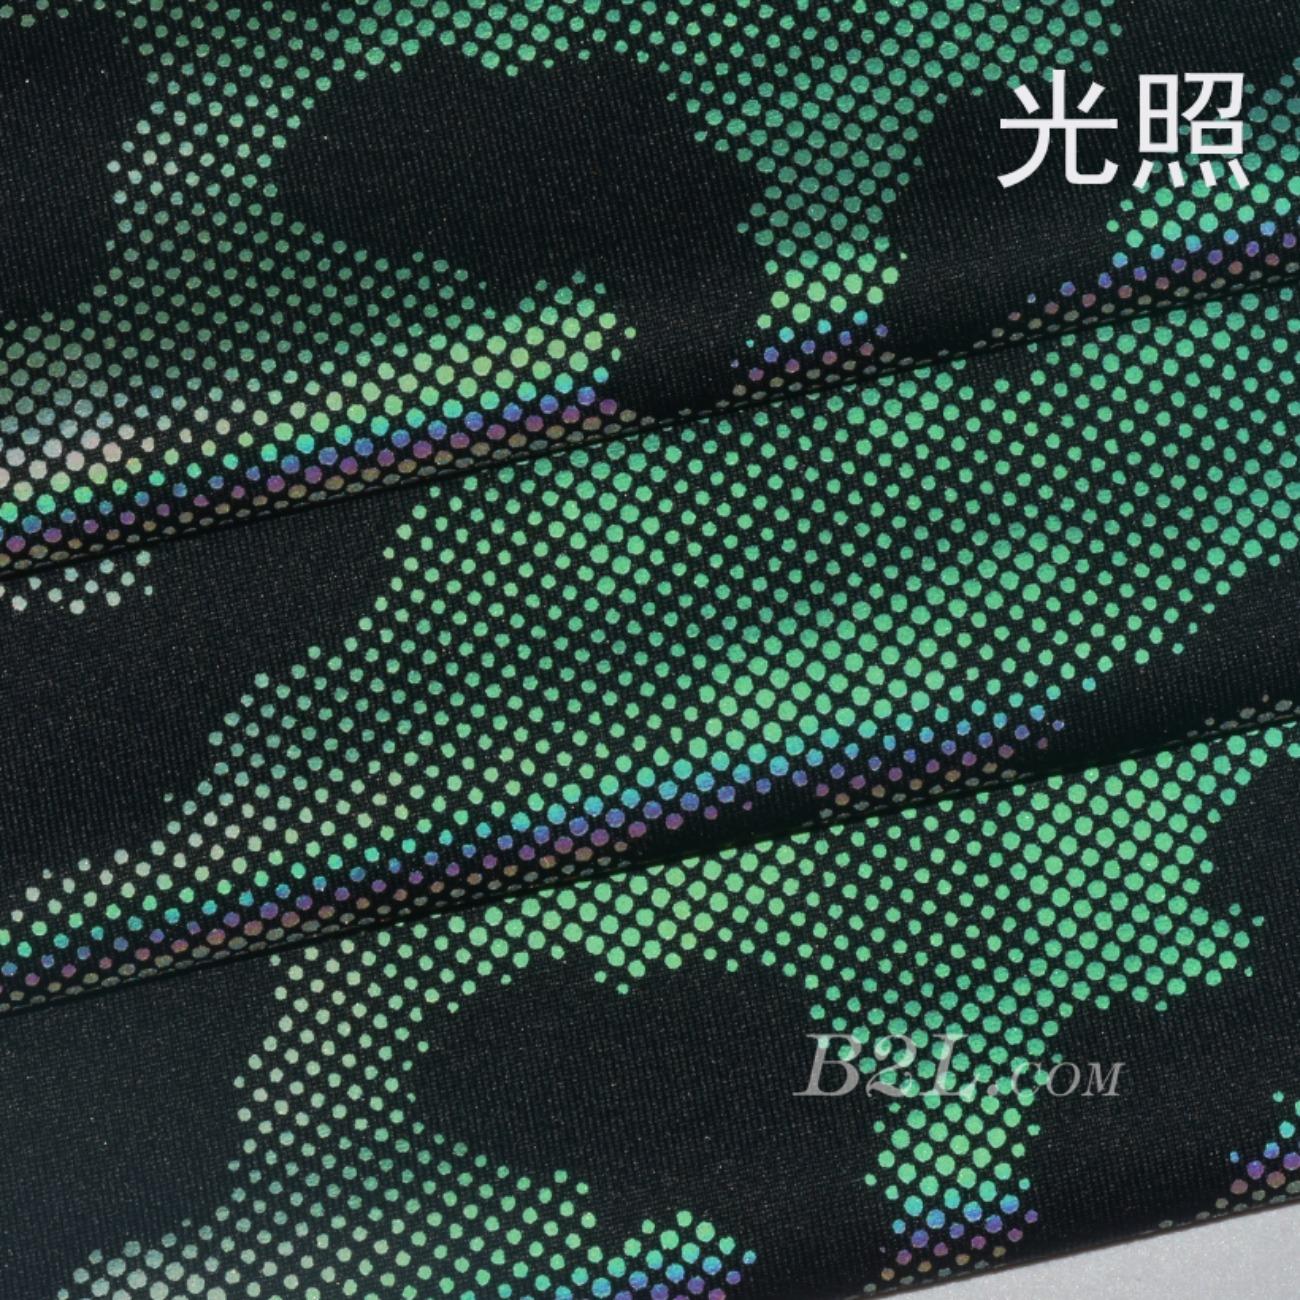 印花 涂层 不规则 迷彩 七彩 渐变 春秋 时装 连衣裙 运动服 90617-23